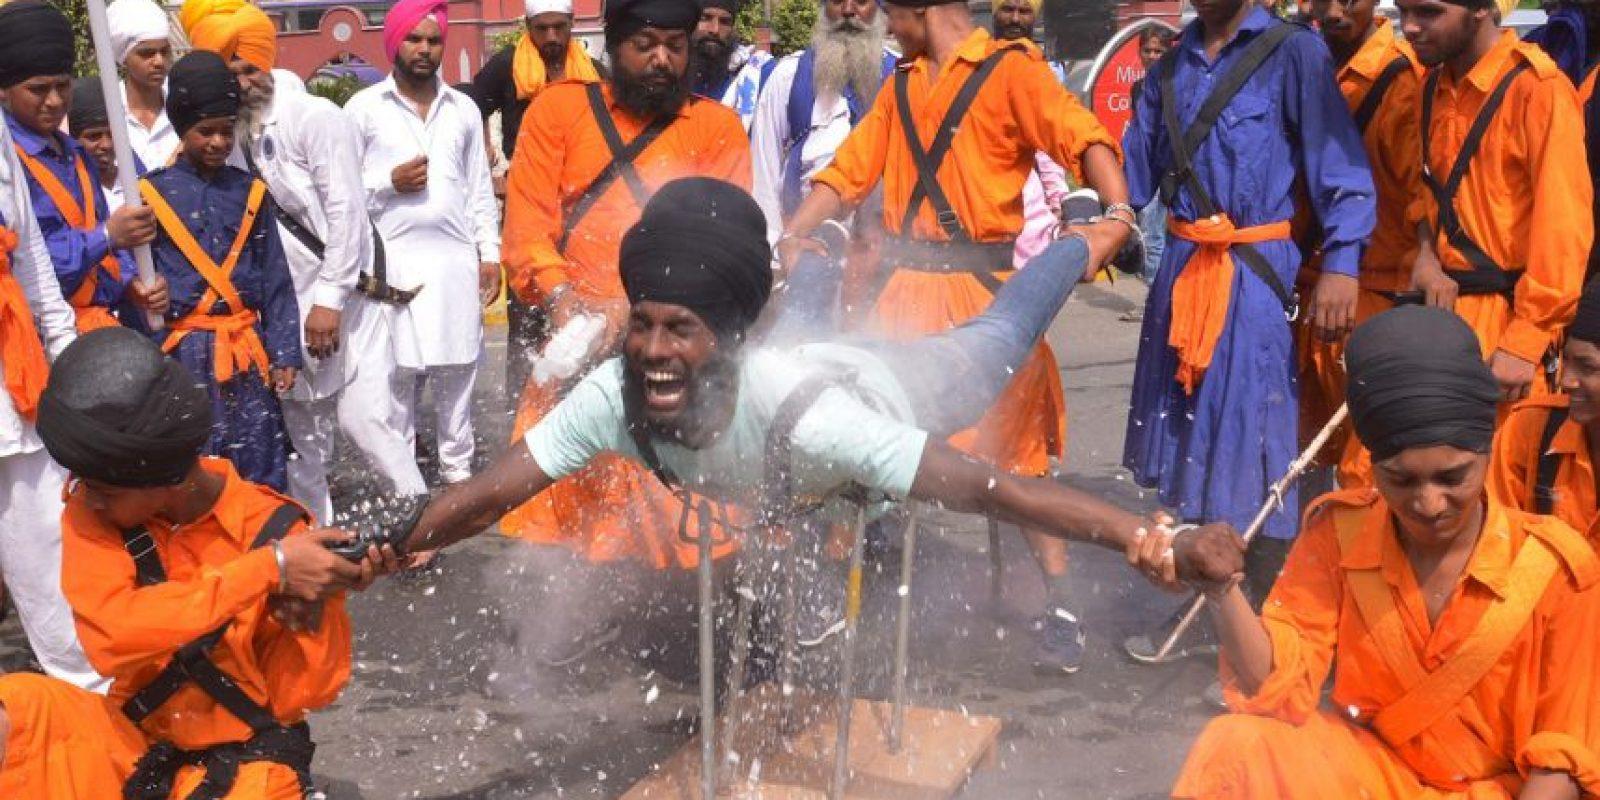 Guerrero religioso en India. Foto:AFP